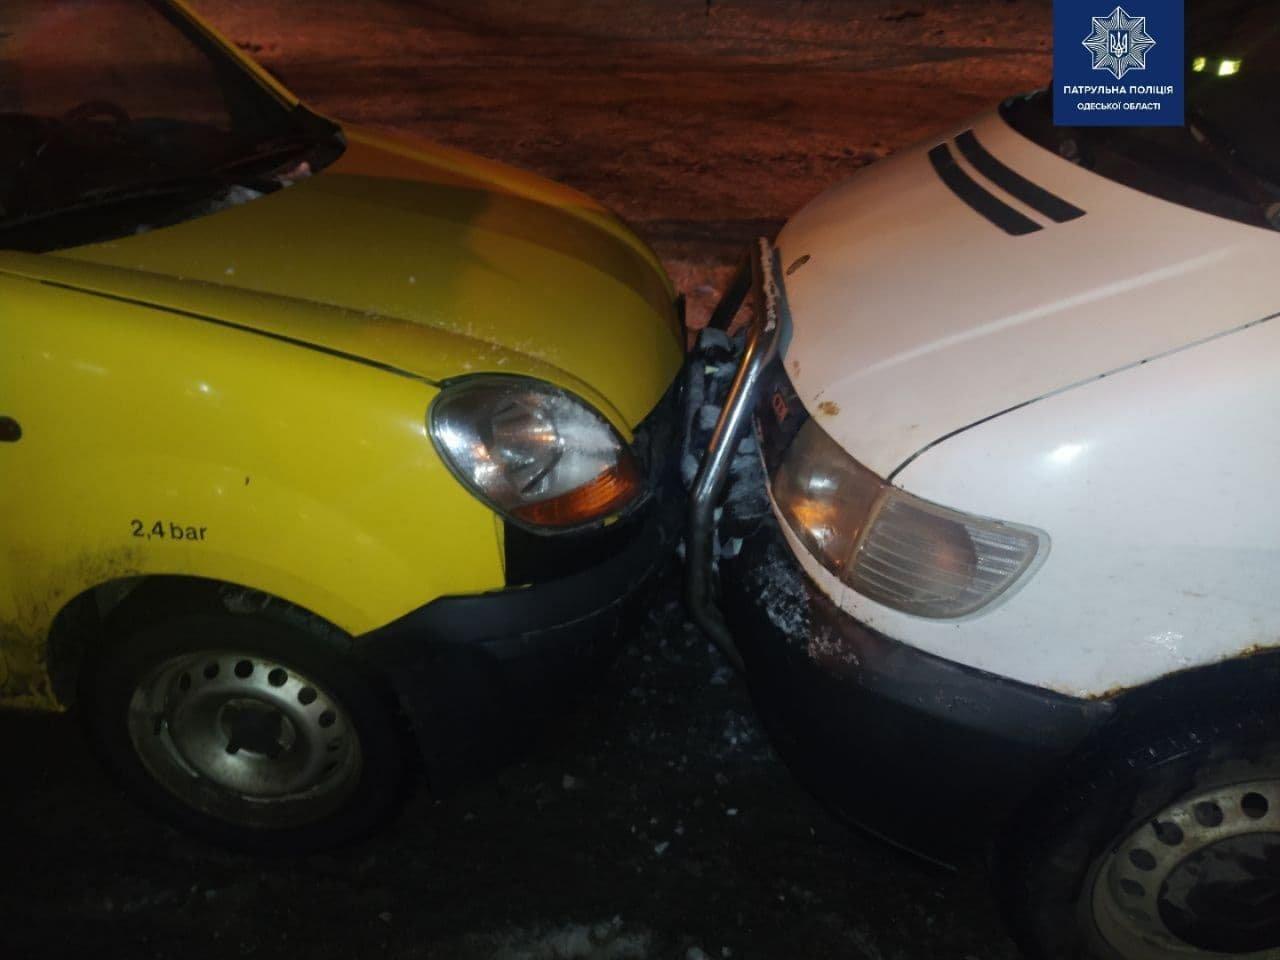 В Одессе пьяный водитель устроил ДТП и разбил 7 автомобилей..., фото-22